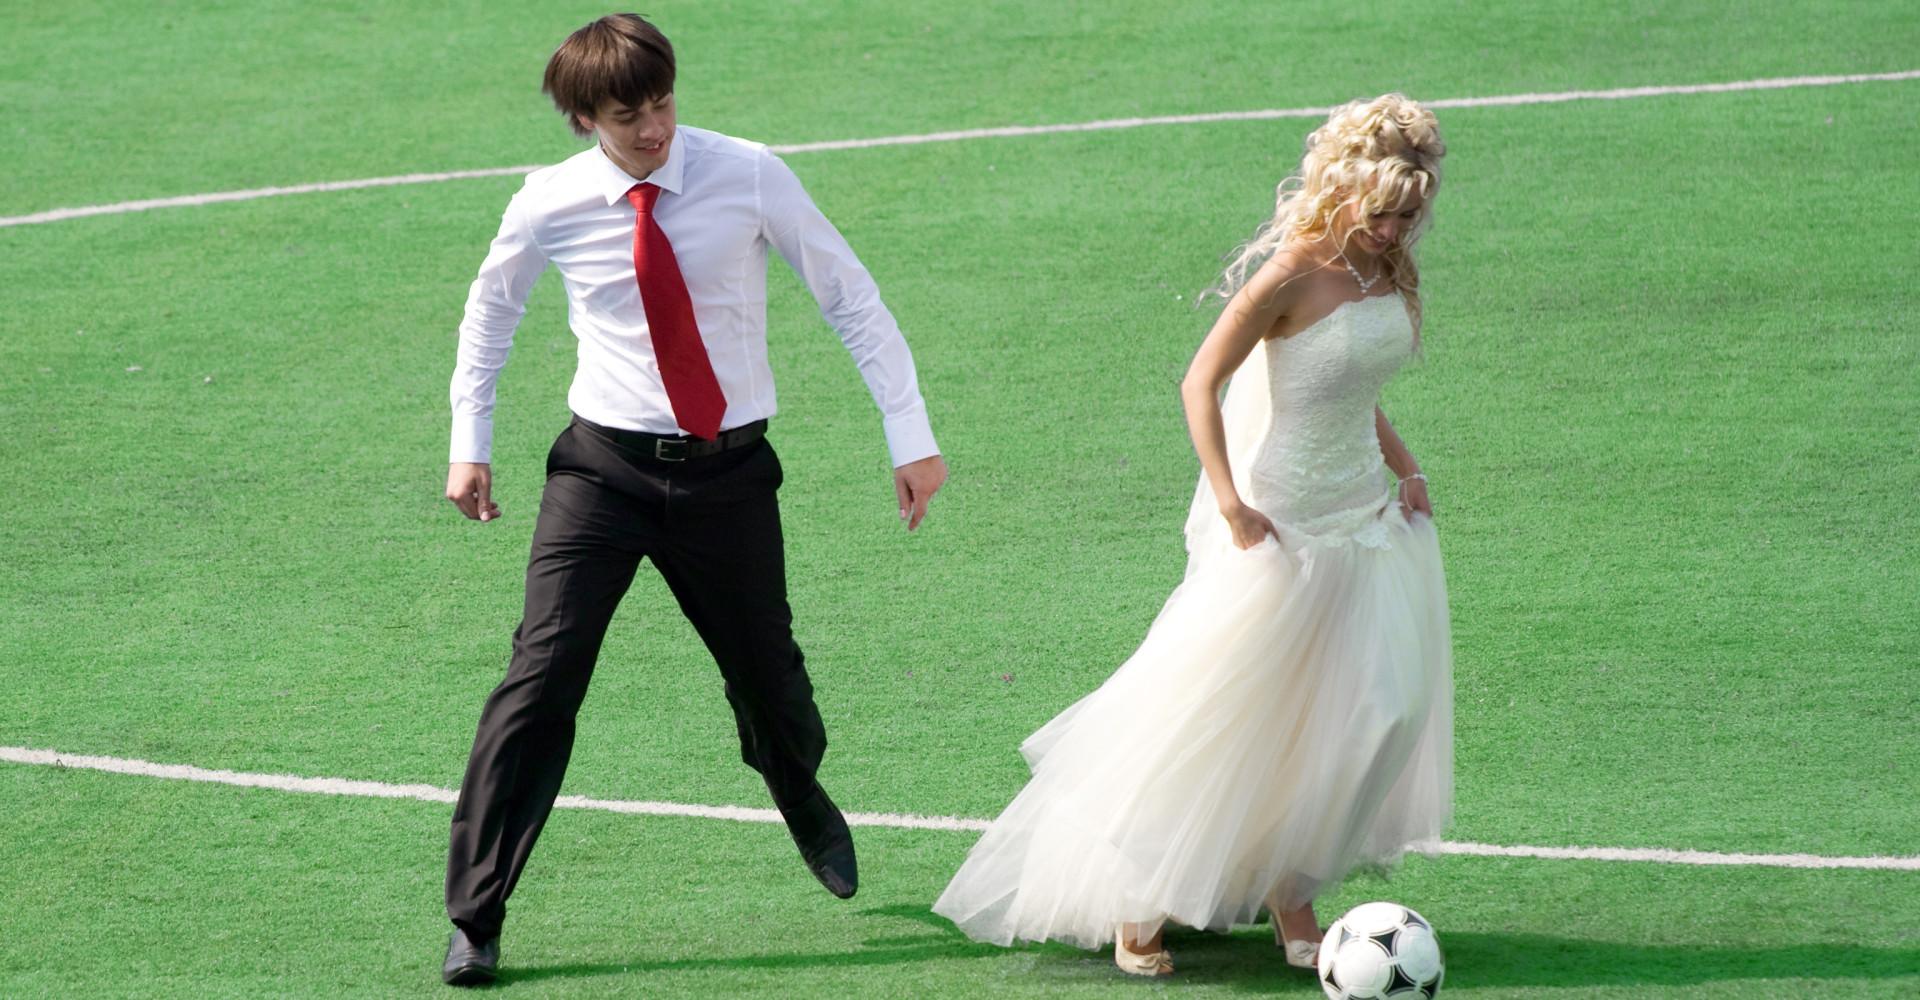 Man wil Champions League-finale zien tijdens zijn bruiloft